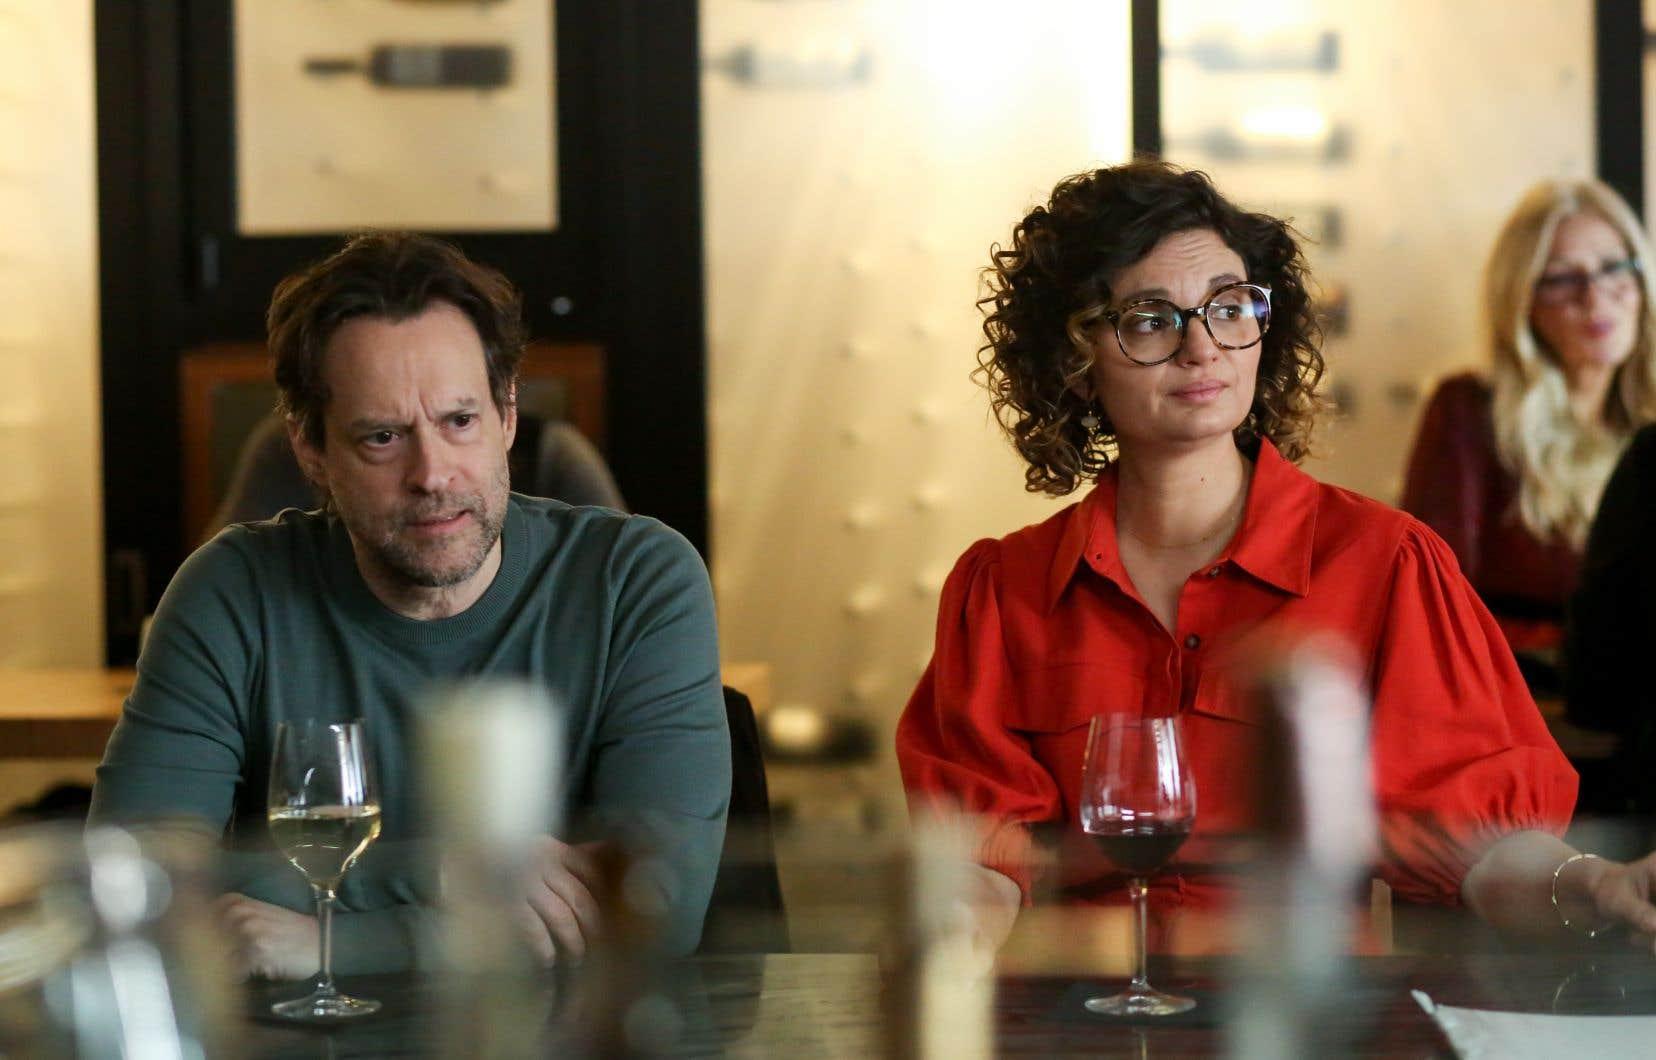 Alexis Martin interprète Simon Letendre, écrivain raté recyclé en traducteur, qui débarque chez son ami Christian (Christian Bégin), après avoir été largué par sa conjointe.